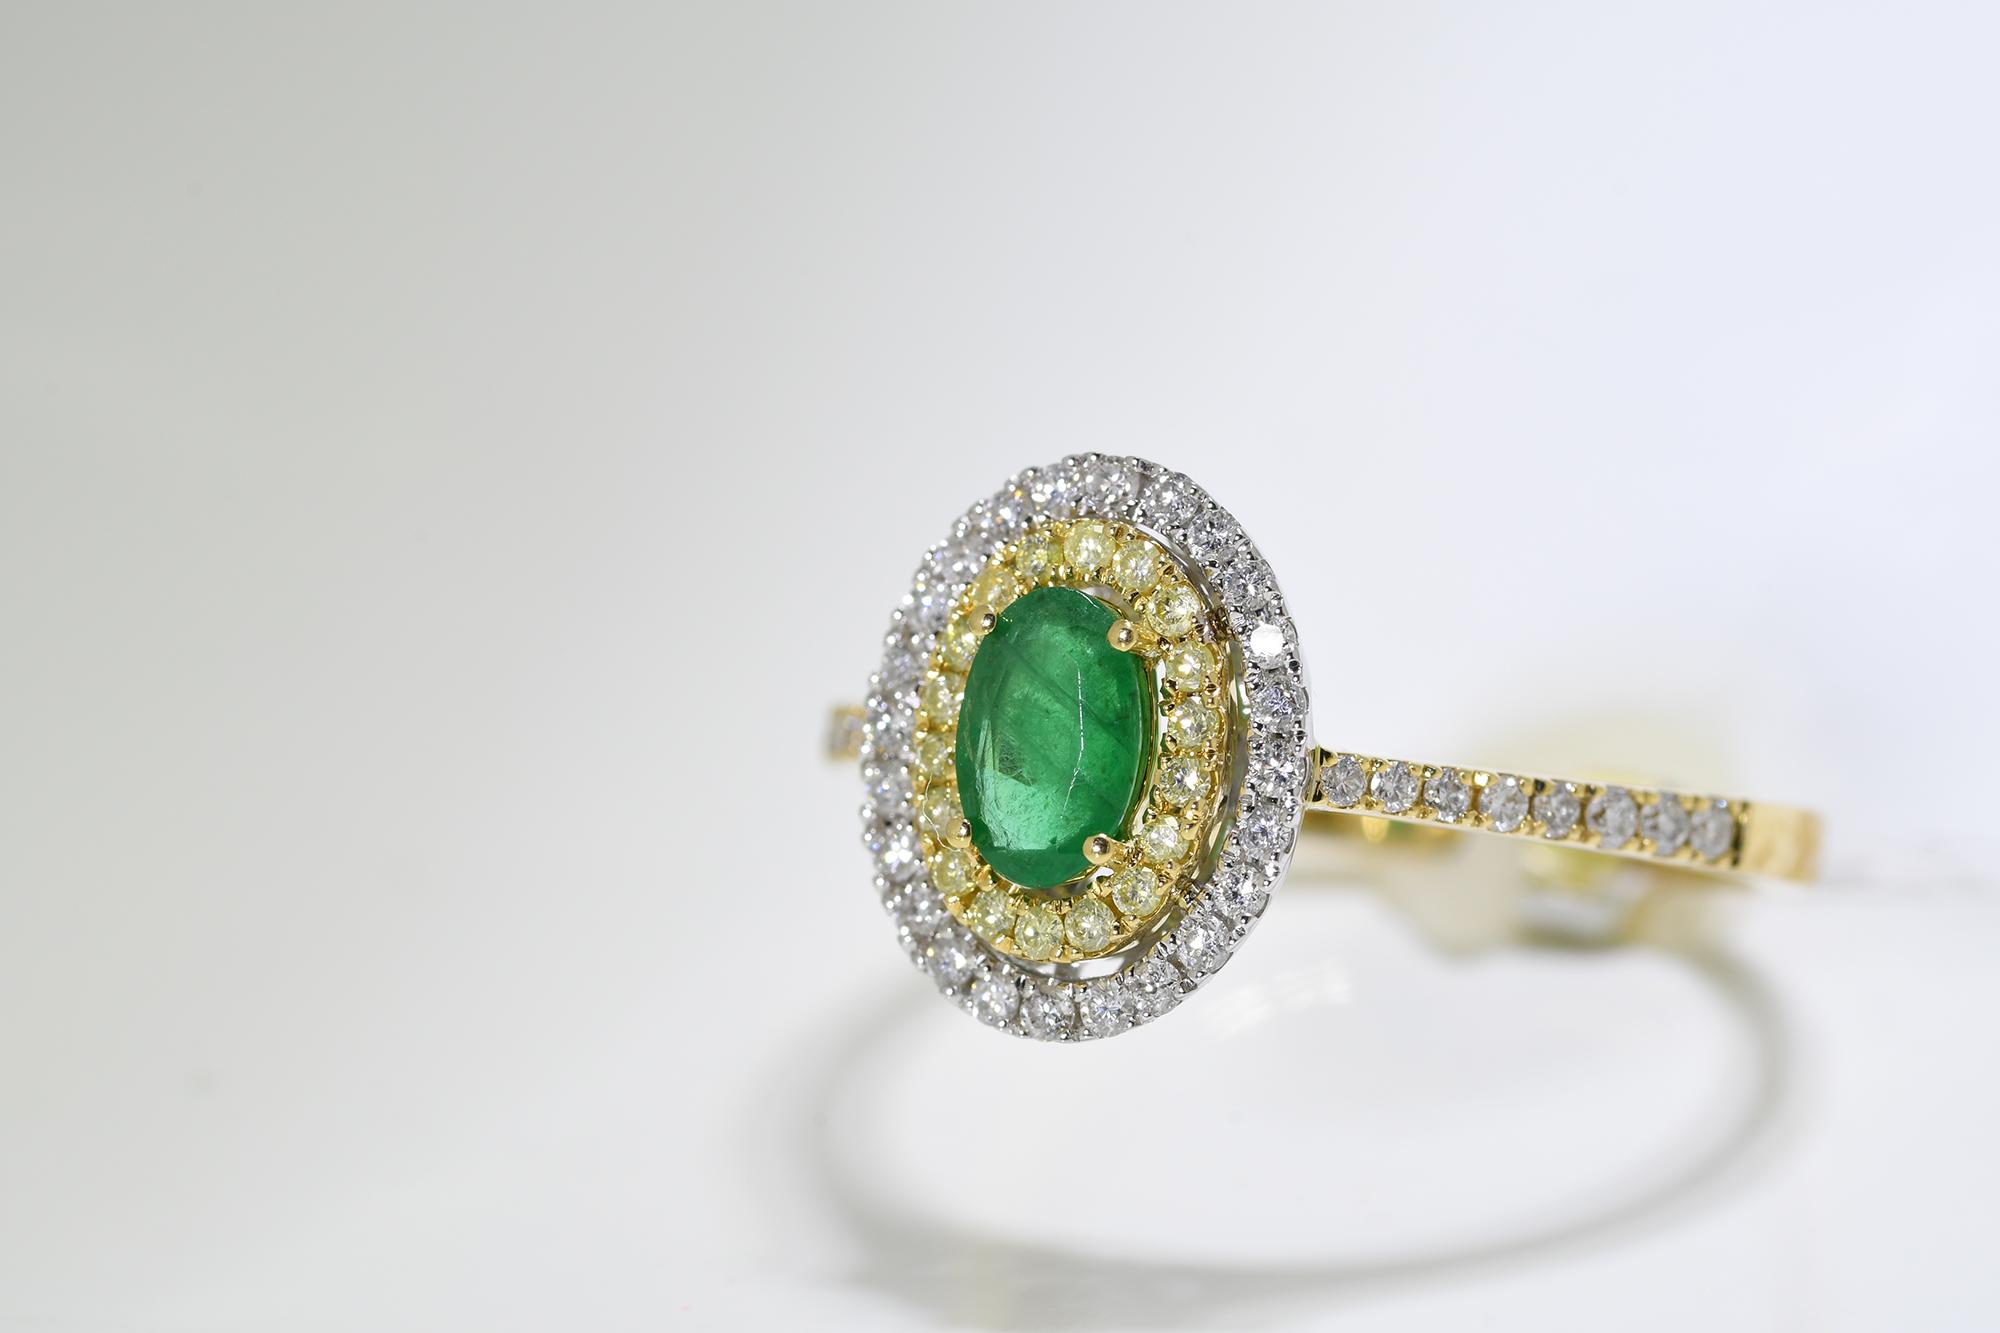 Emerald, Yellow & White Diamond Ring - Image 2 of 3